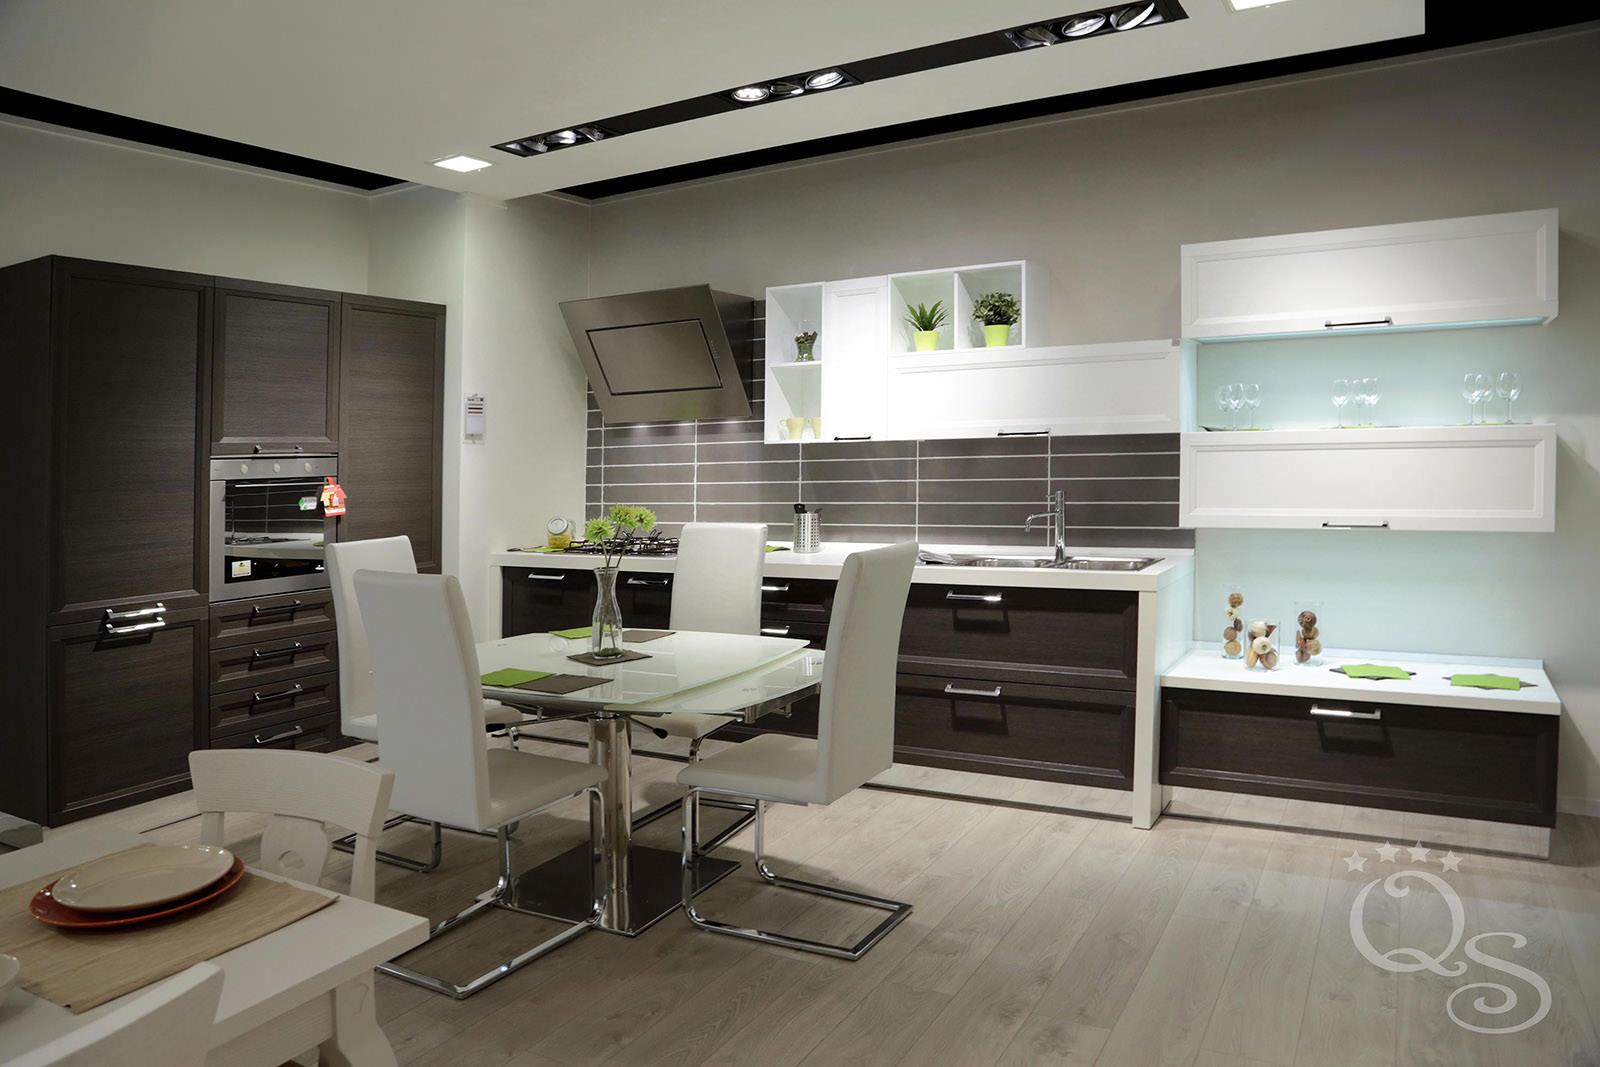 cucine - quattro stelle arredamenti - Arredamento Moderno Lecce